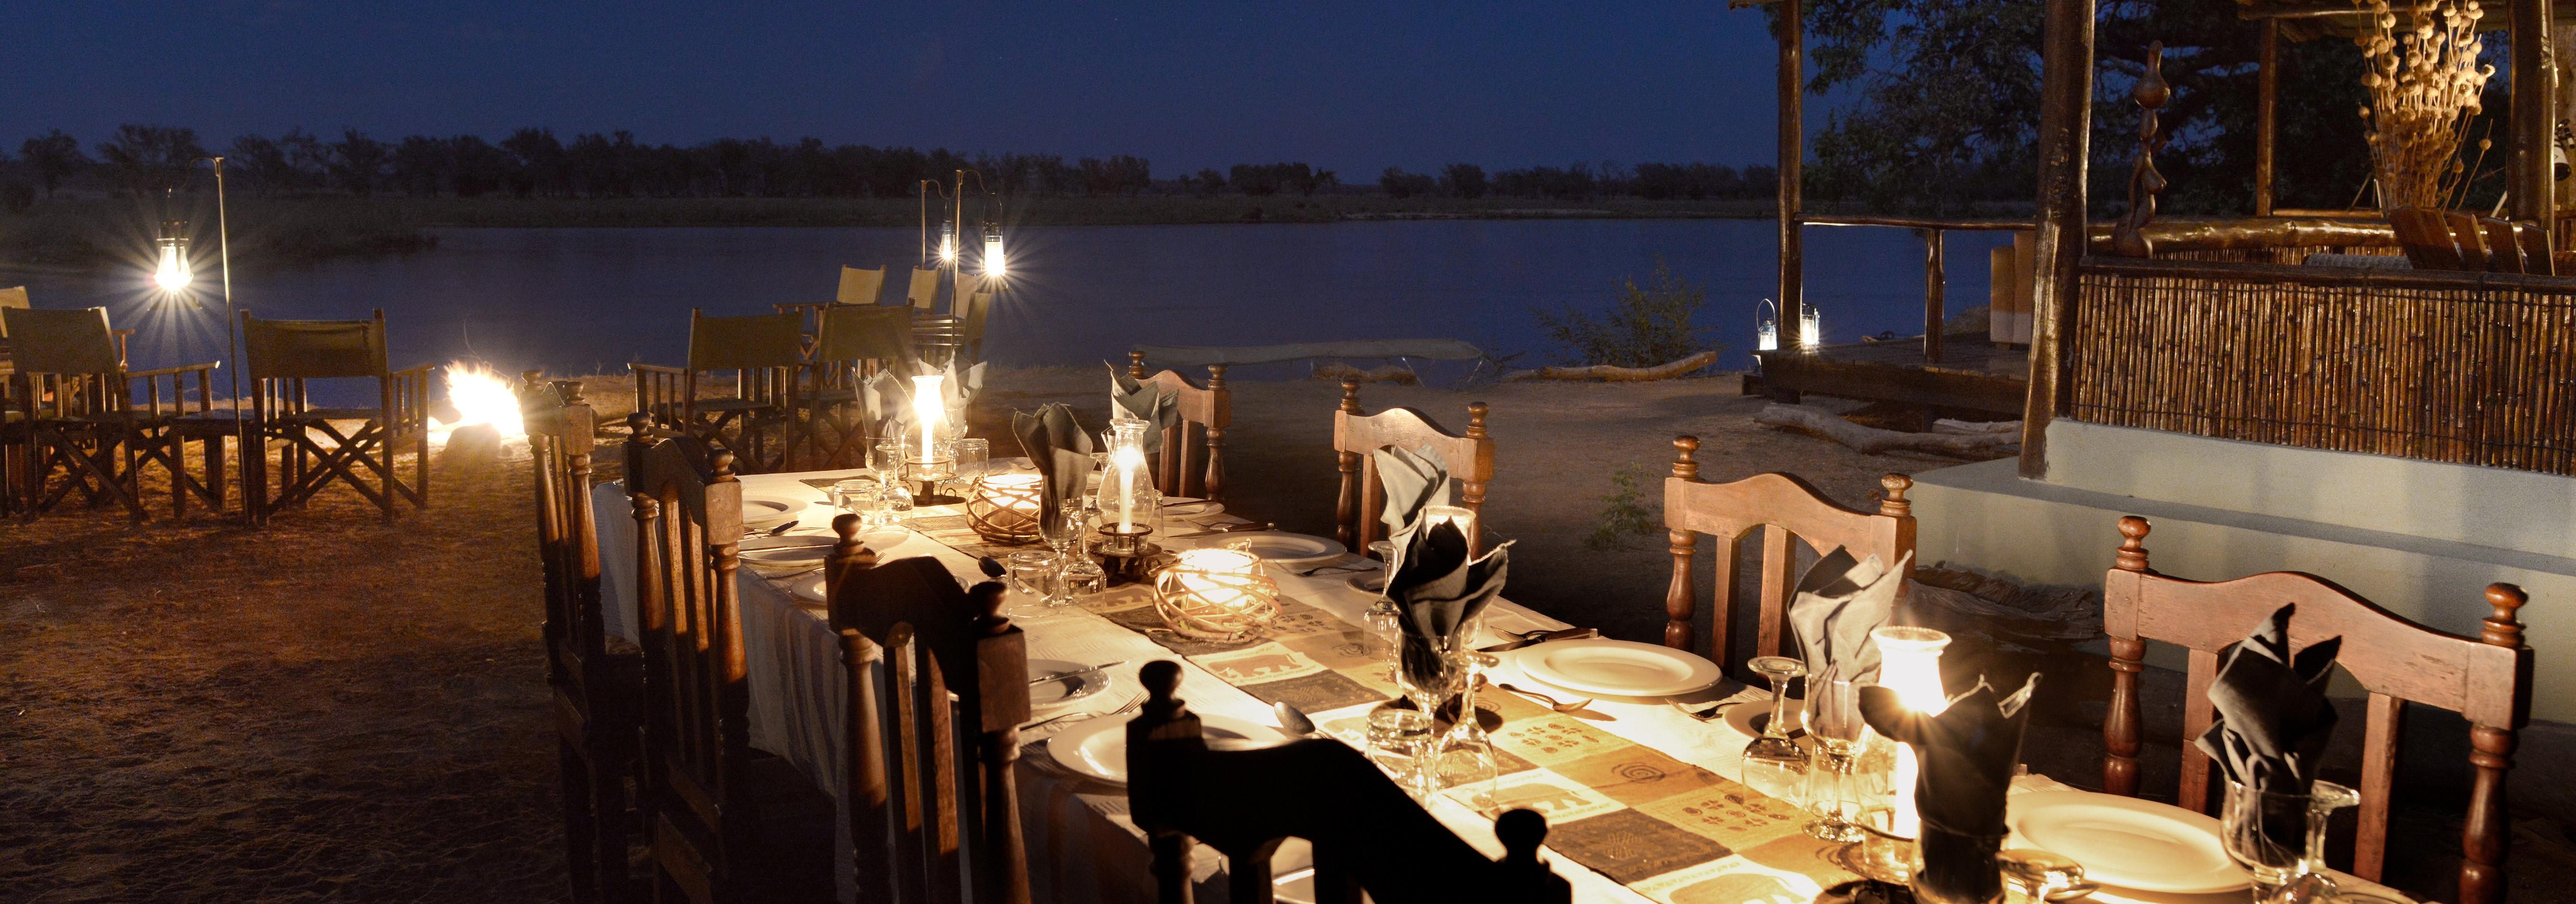 old-mondoro-candle-lit-dinner-zambezi